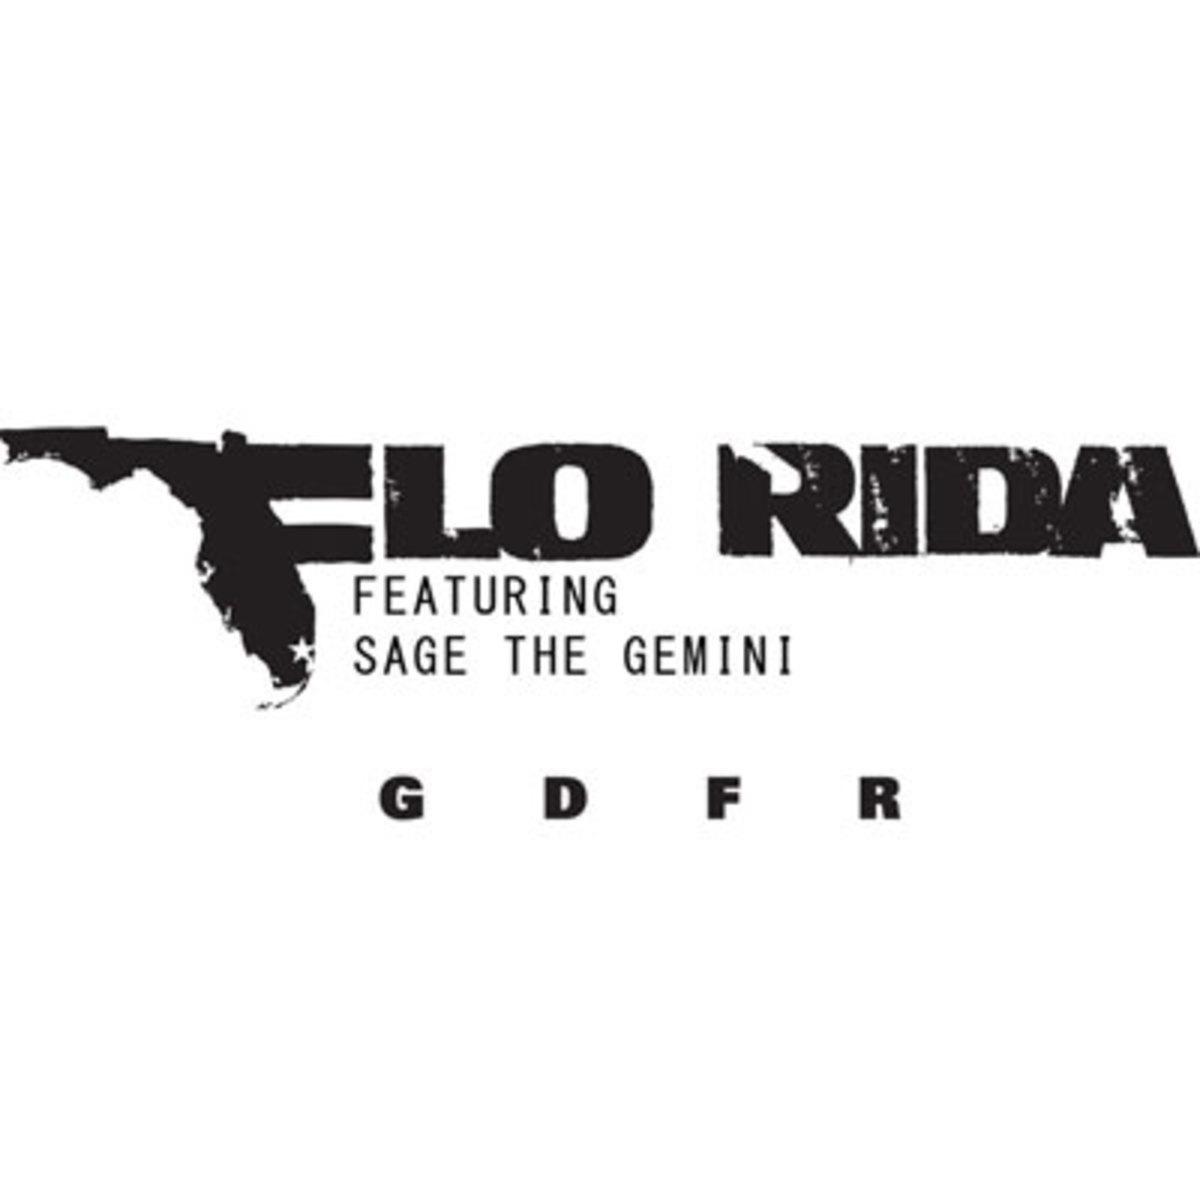 florida-gdfr.jpg